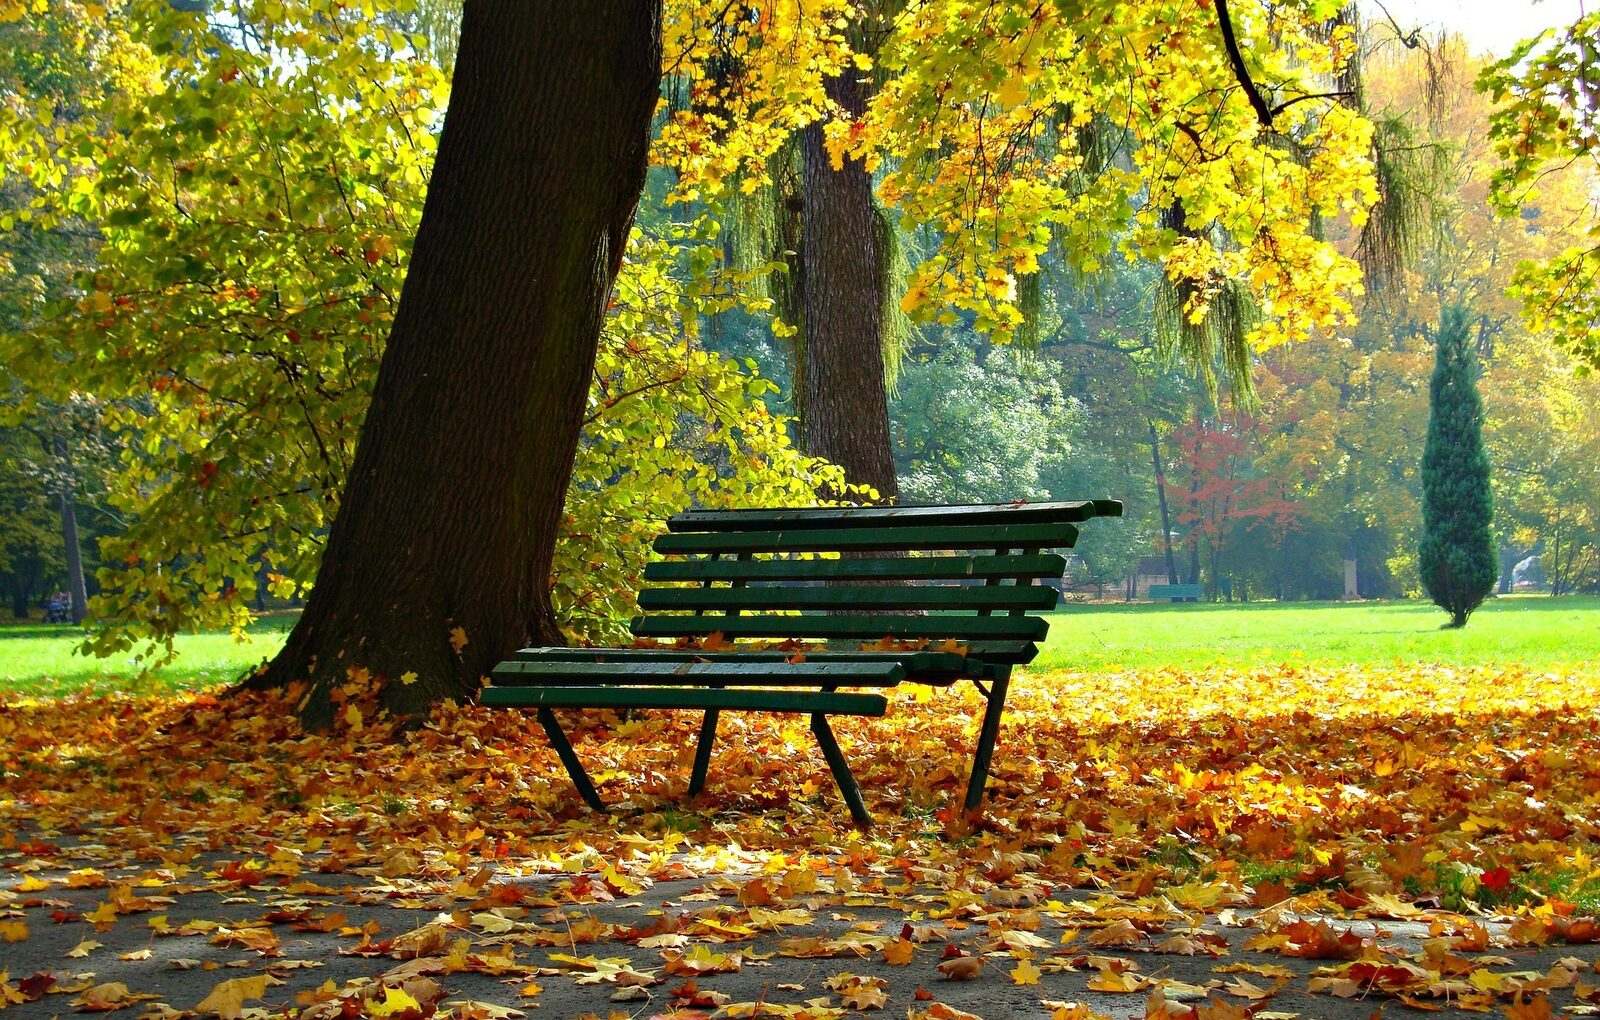 Autumn holiday (1 week)